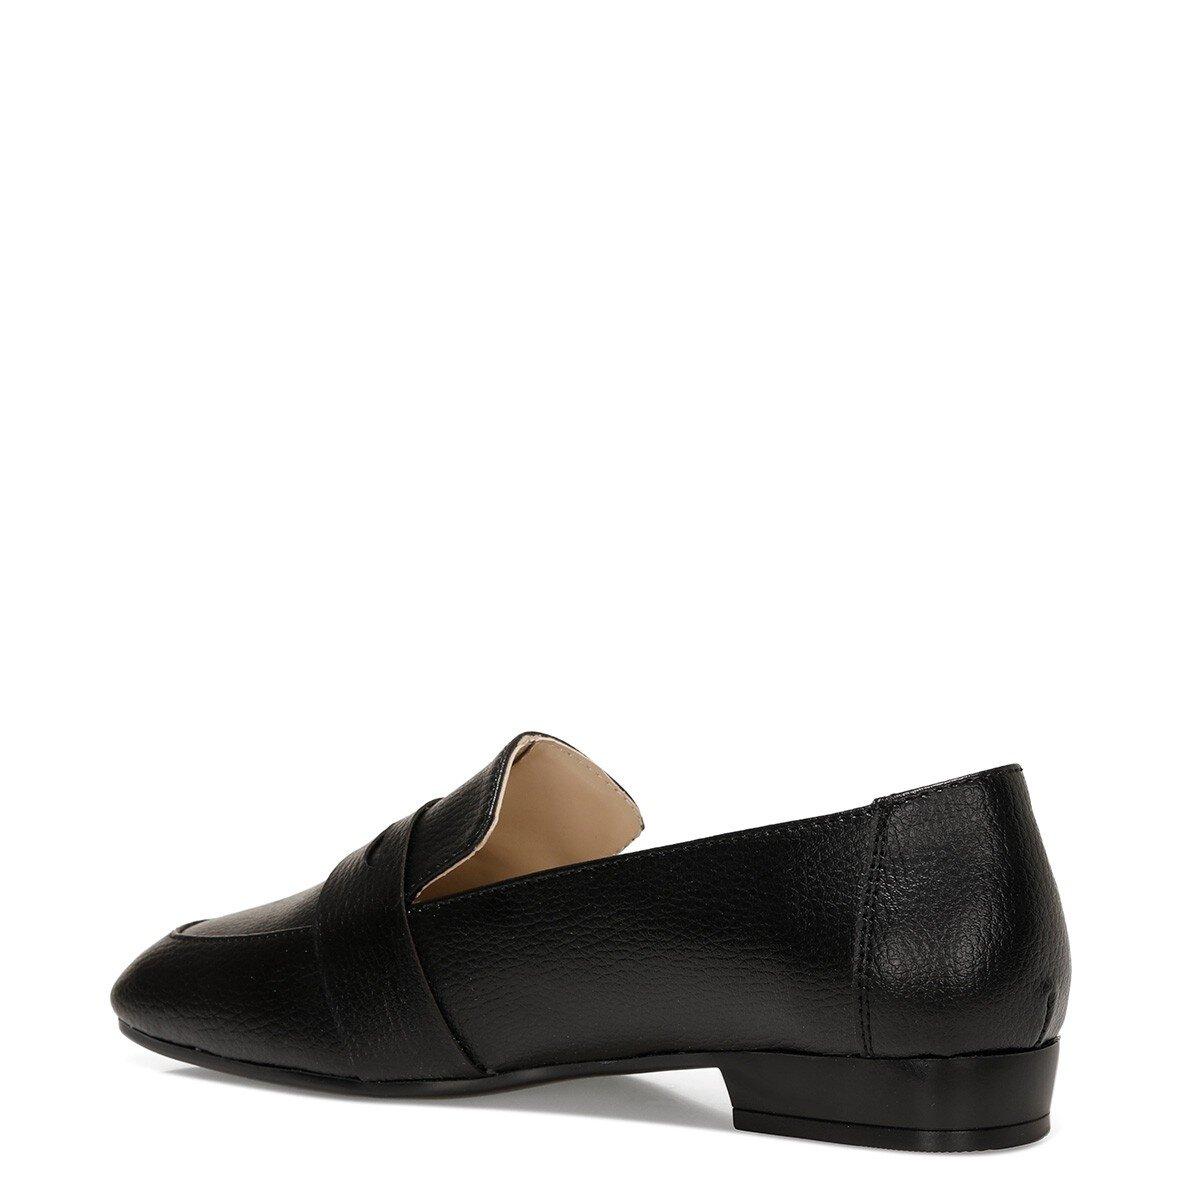 RONE 1FX Siyah Kadın Loafer Ayakkabı